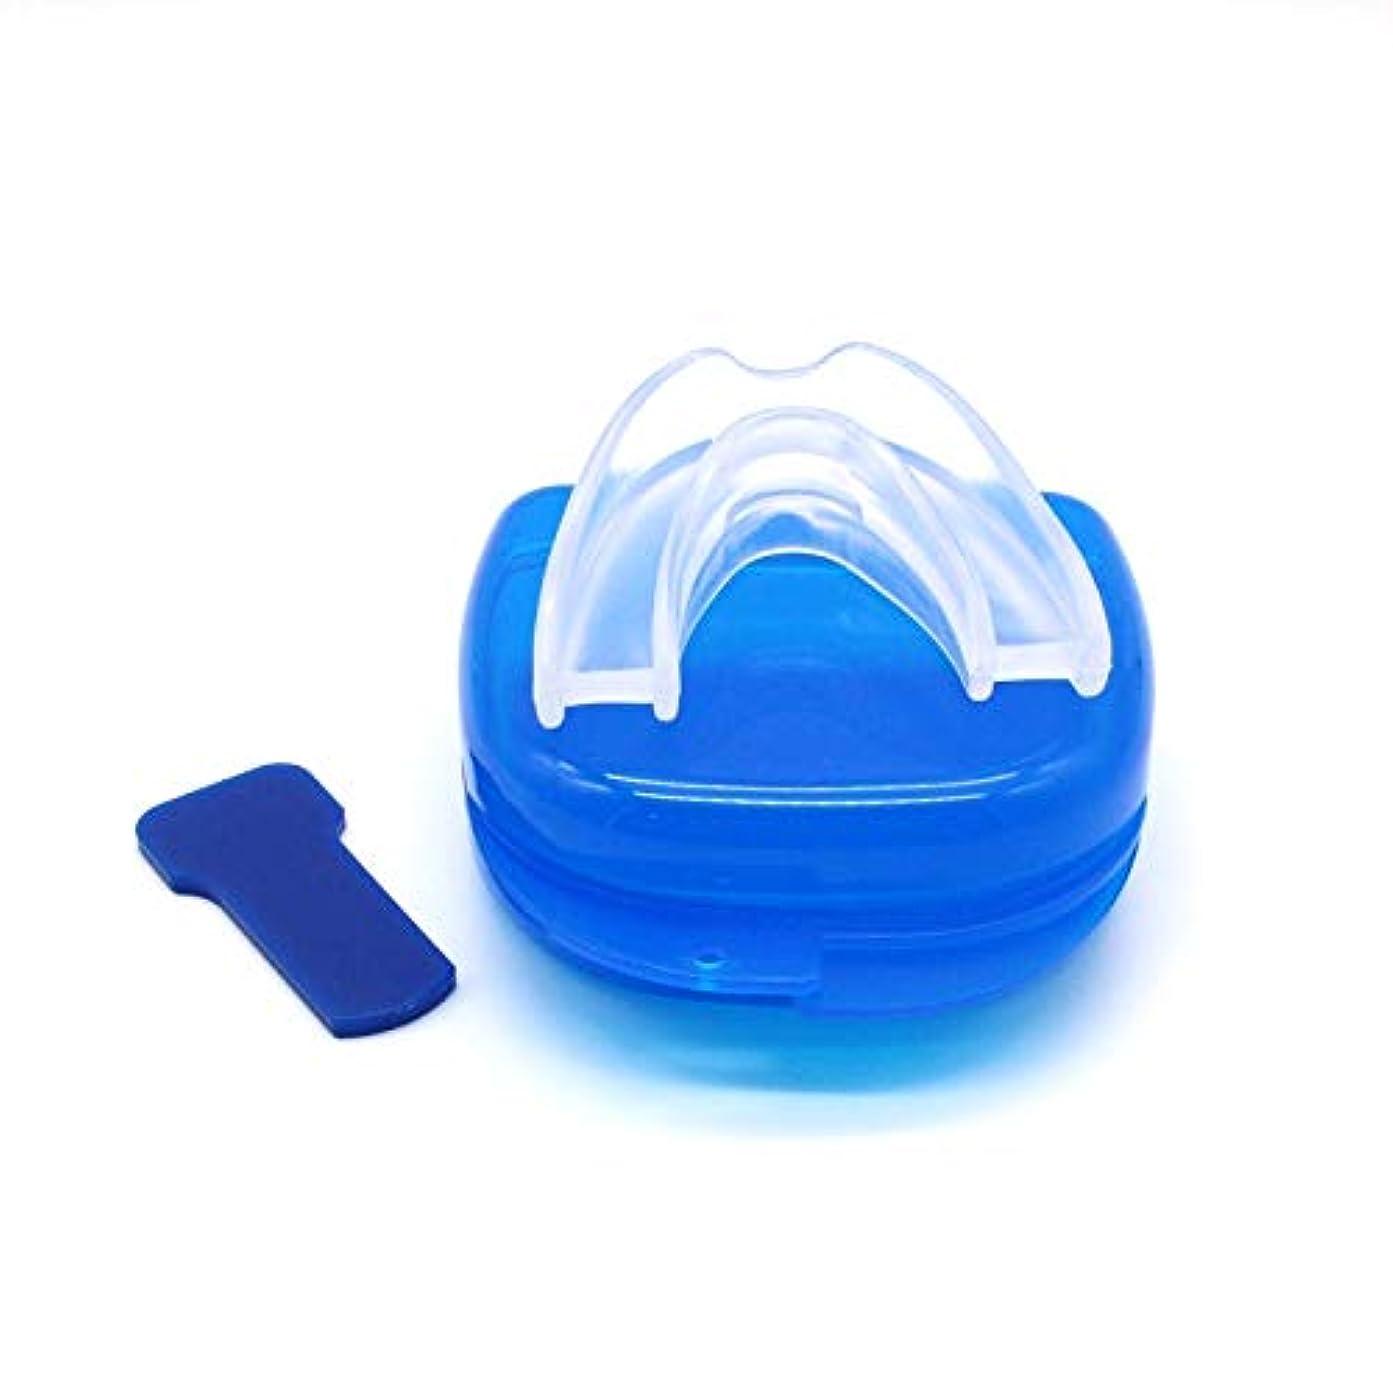 コンクリート不安定な司教NOTE マウスガード装置停止歯ひび割れ防止いびき無呼吸ガード歯ぎしりトレイ付きケースボックスおやすみなさい手助けいびきを解消